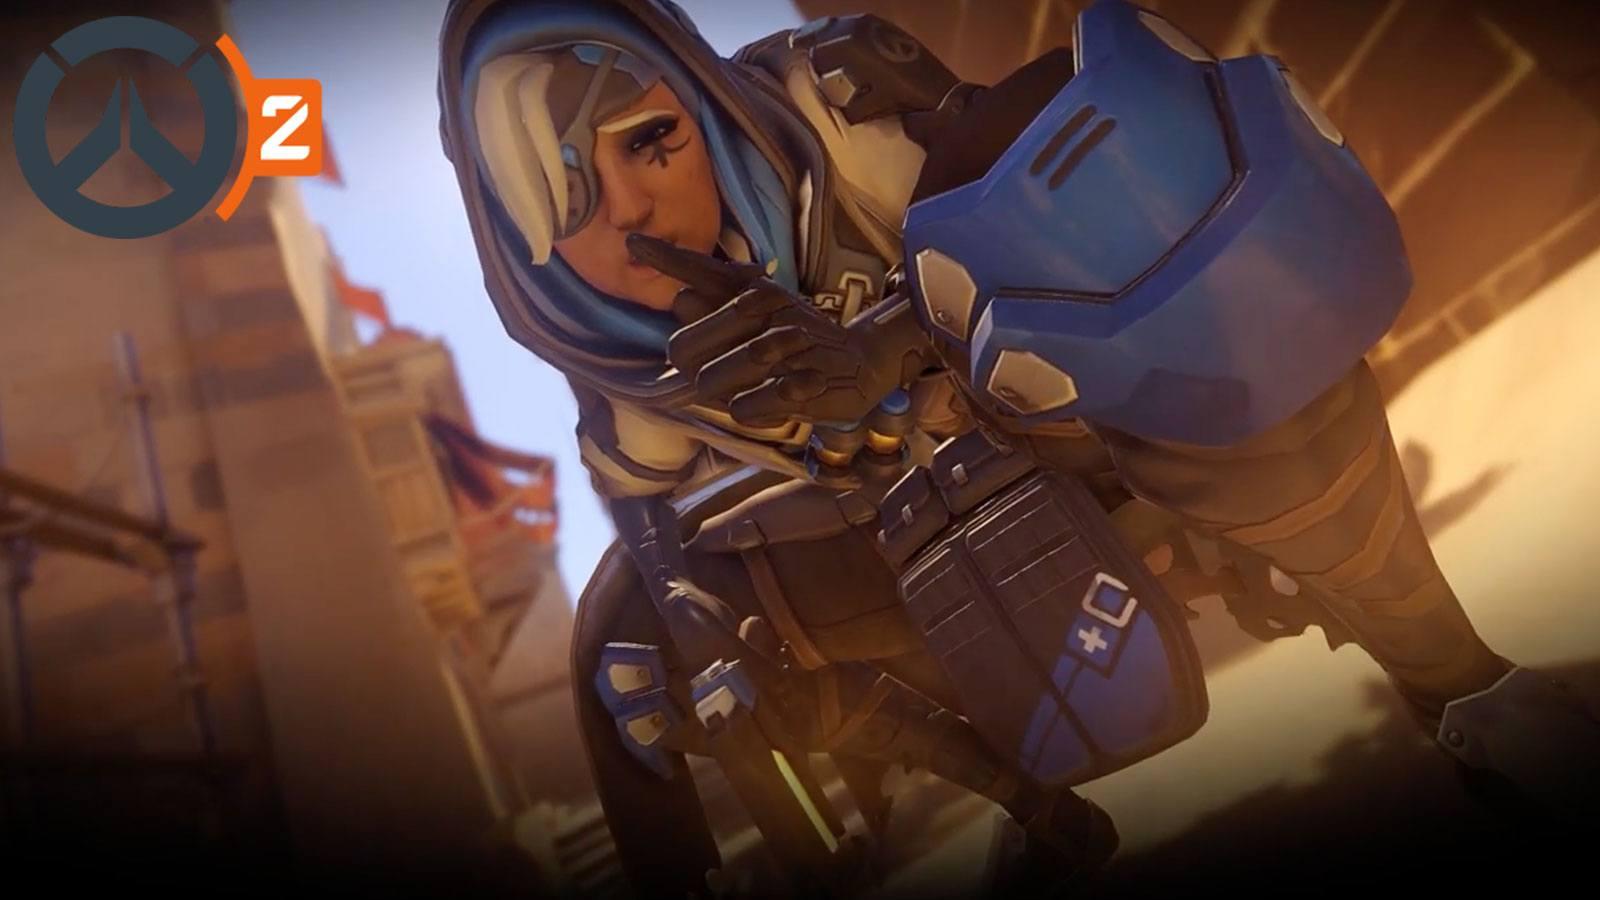 Ana Overwatch Blizzard